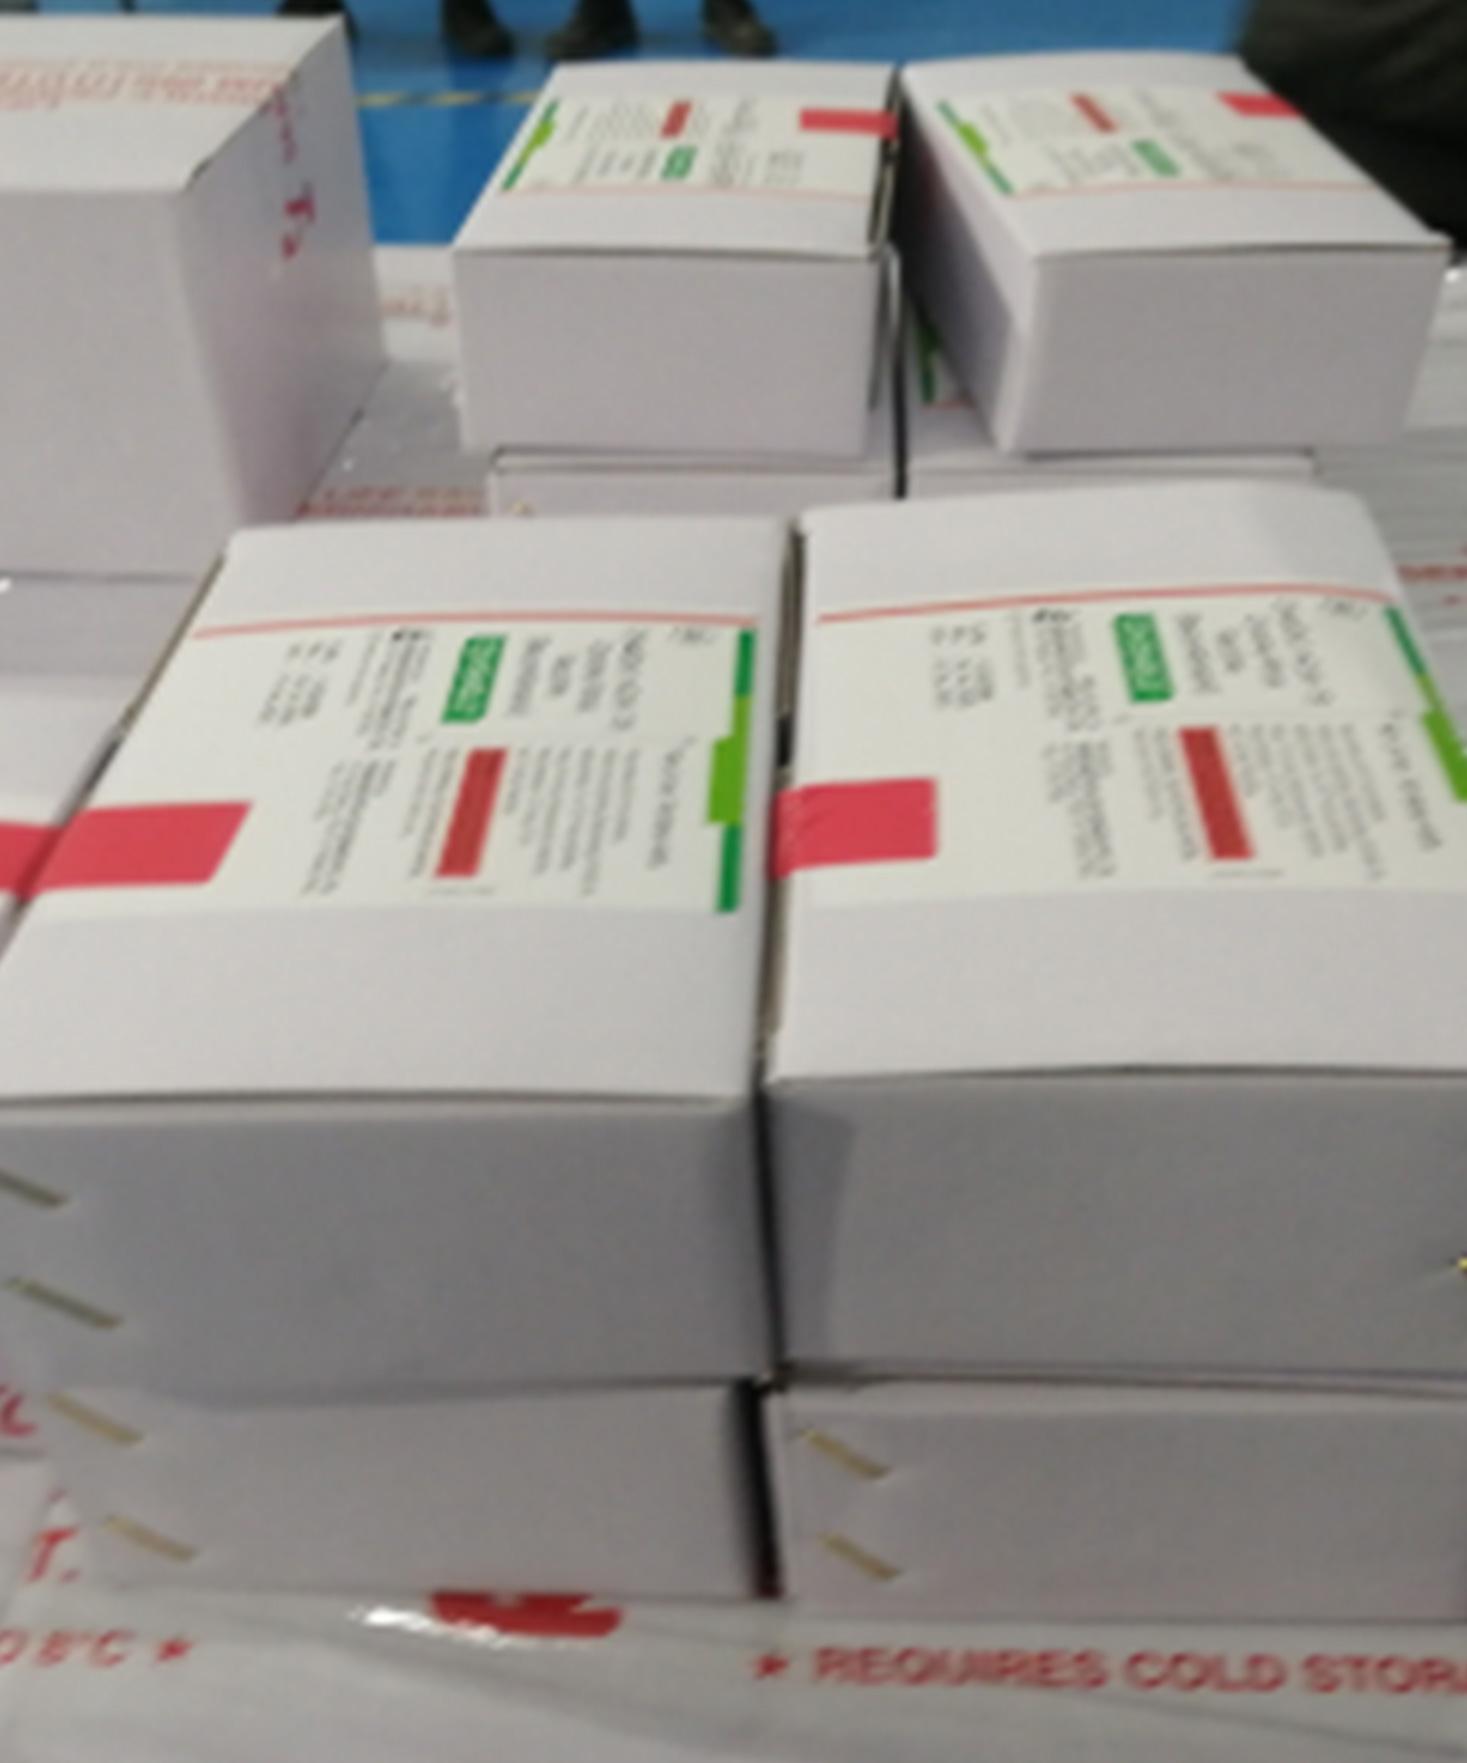 Mobilisation des moyens adéquats pour réussir la campagne de vaccination contre le Covid-19